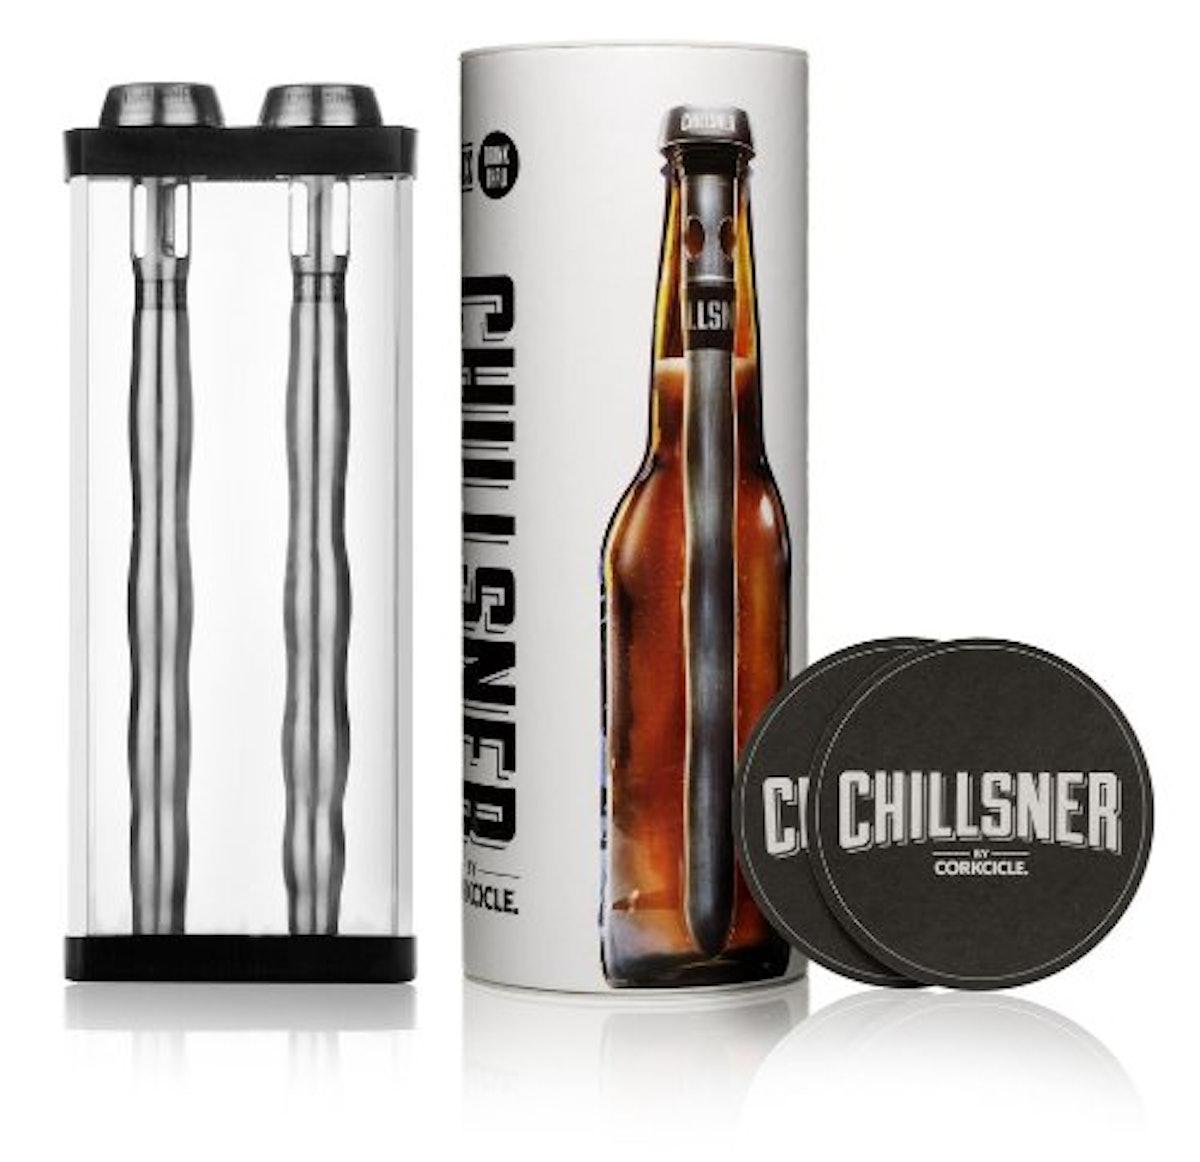 Corkcickle Chiller Sticks (2-Pack)